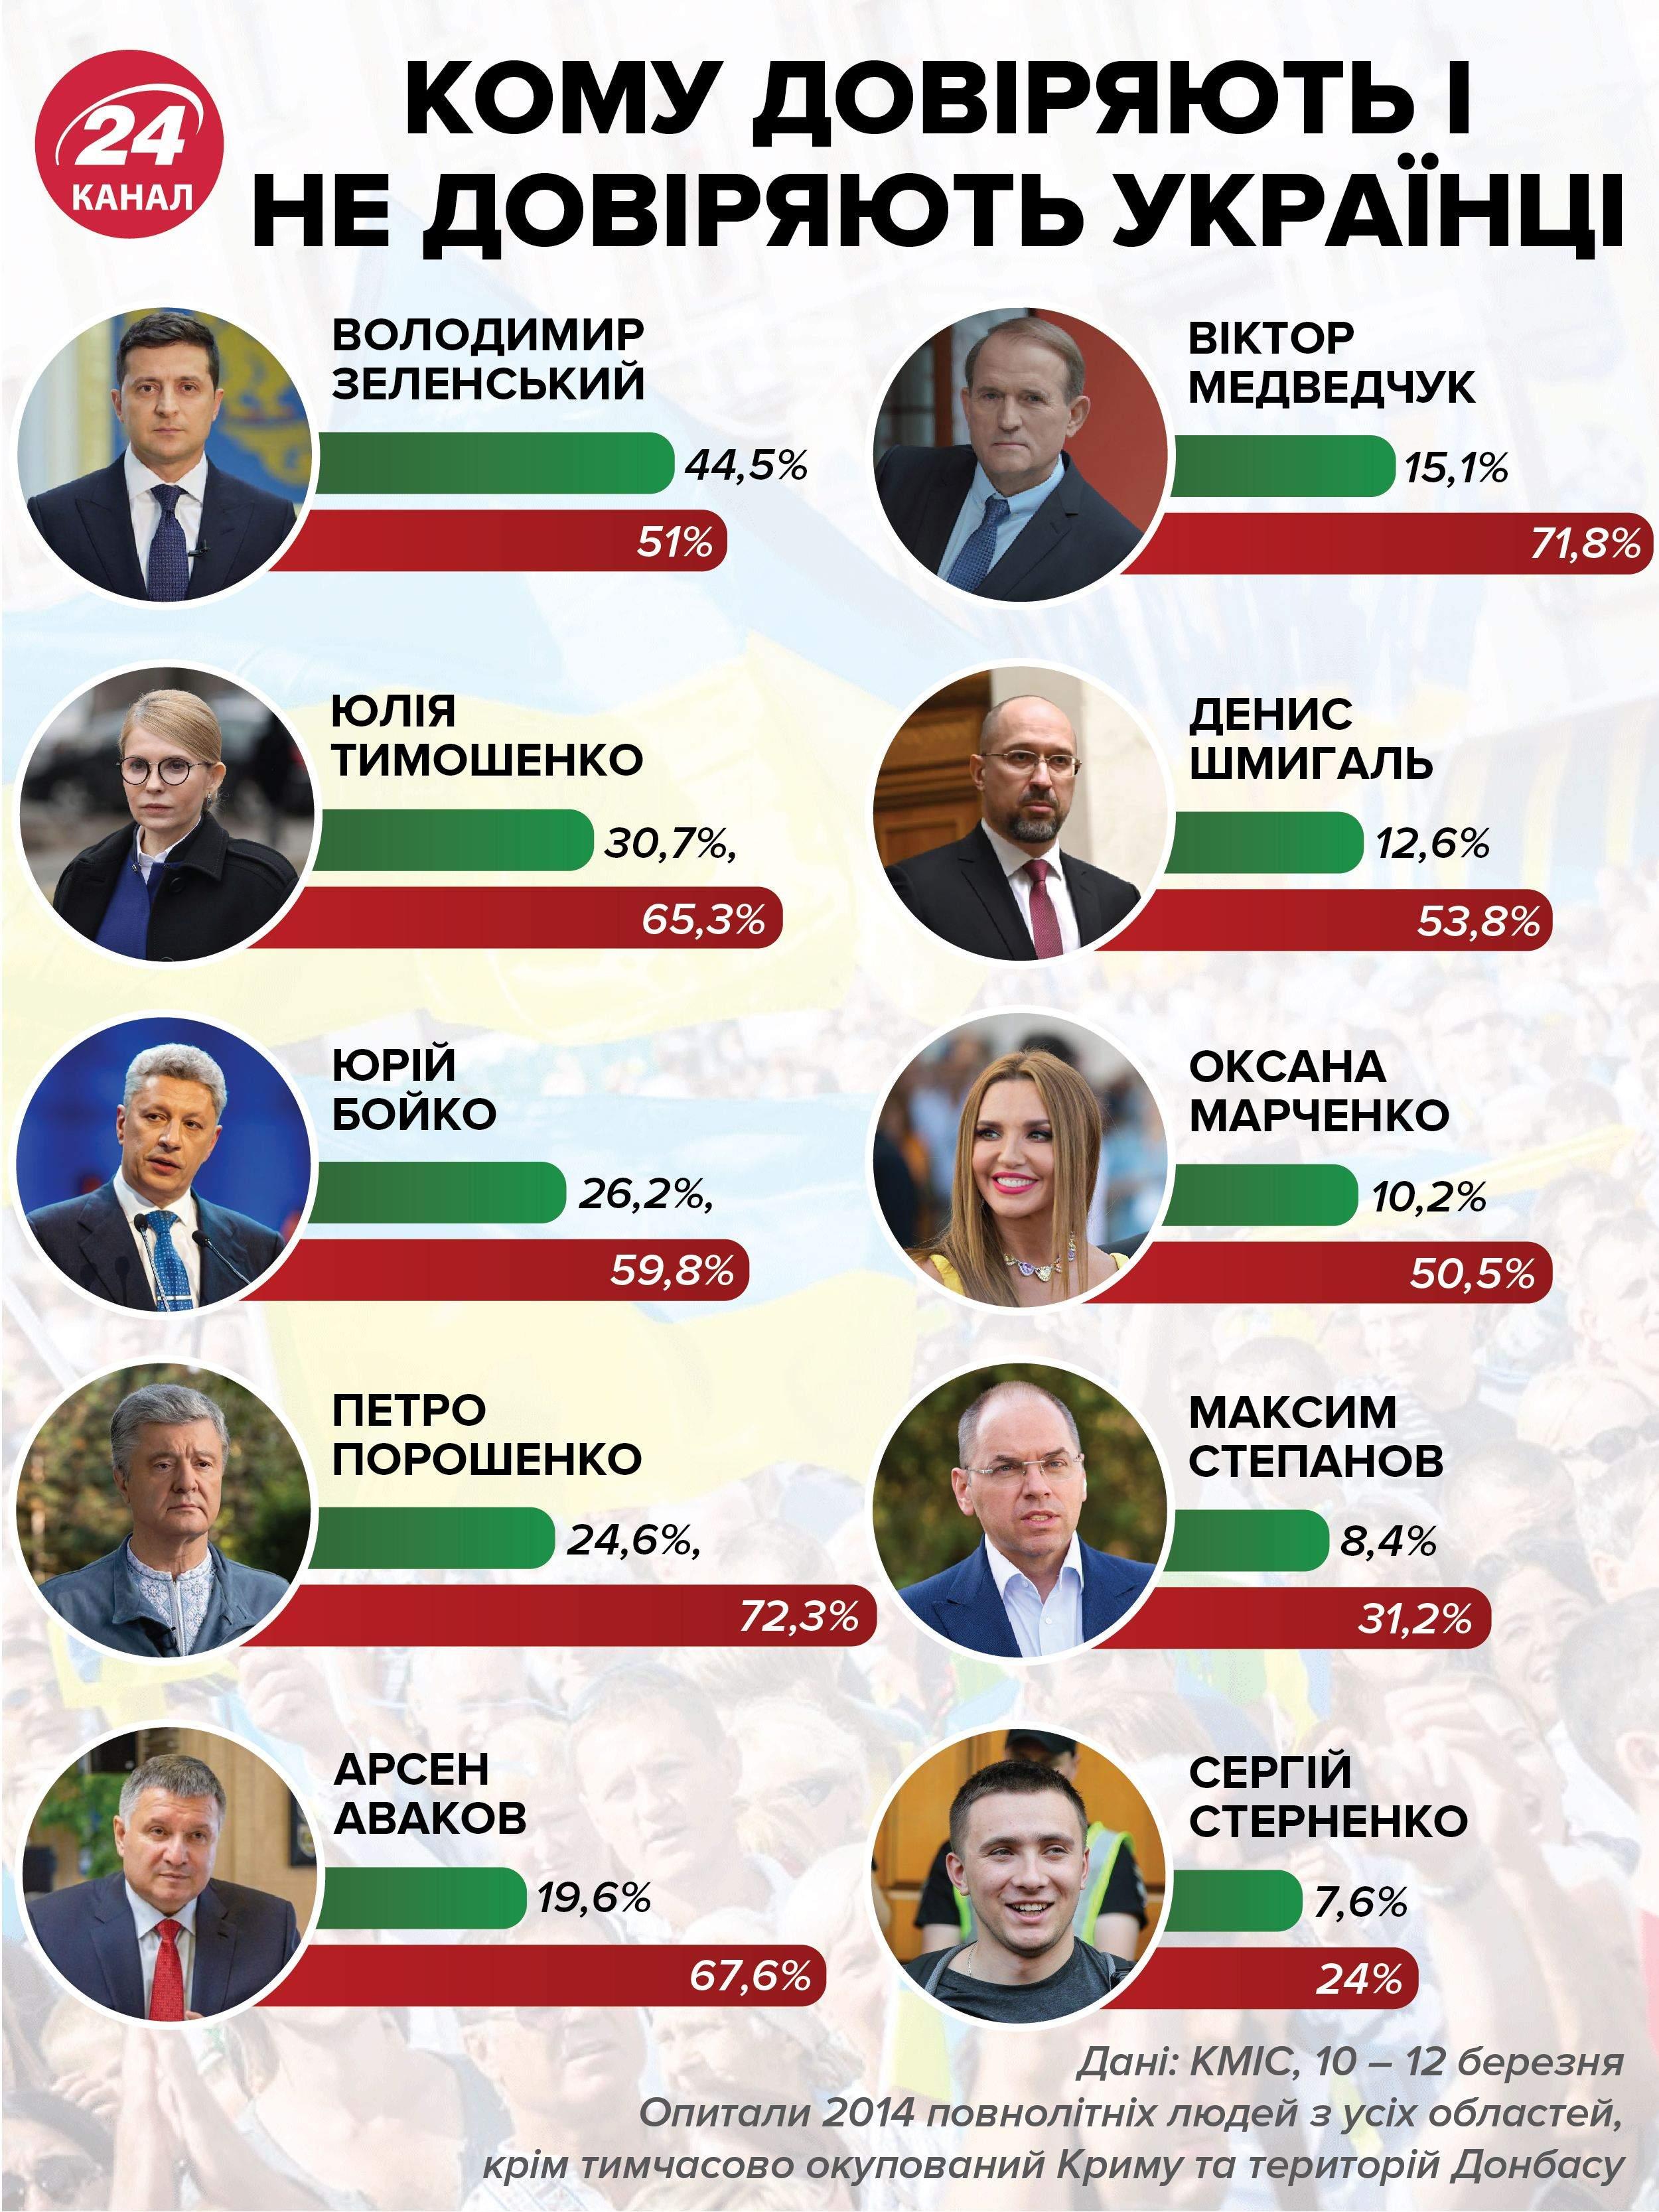 Кому довіряють і не довіряють українці / Інфографіка 24 каналу